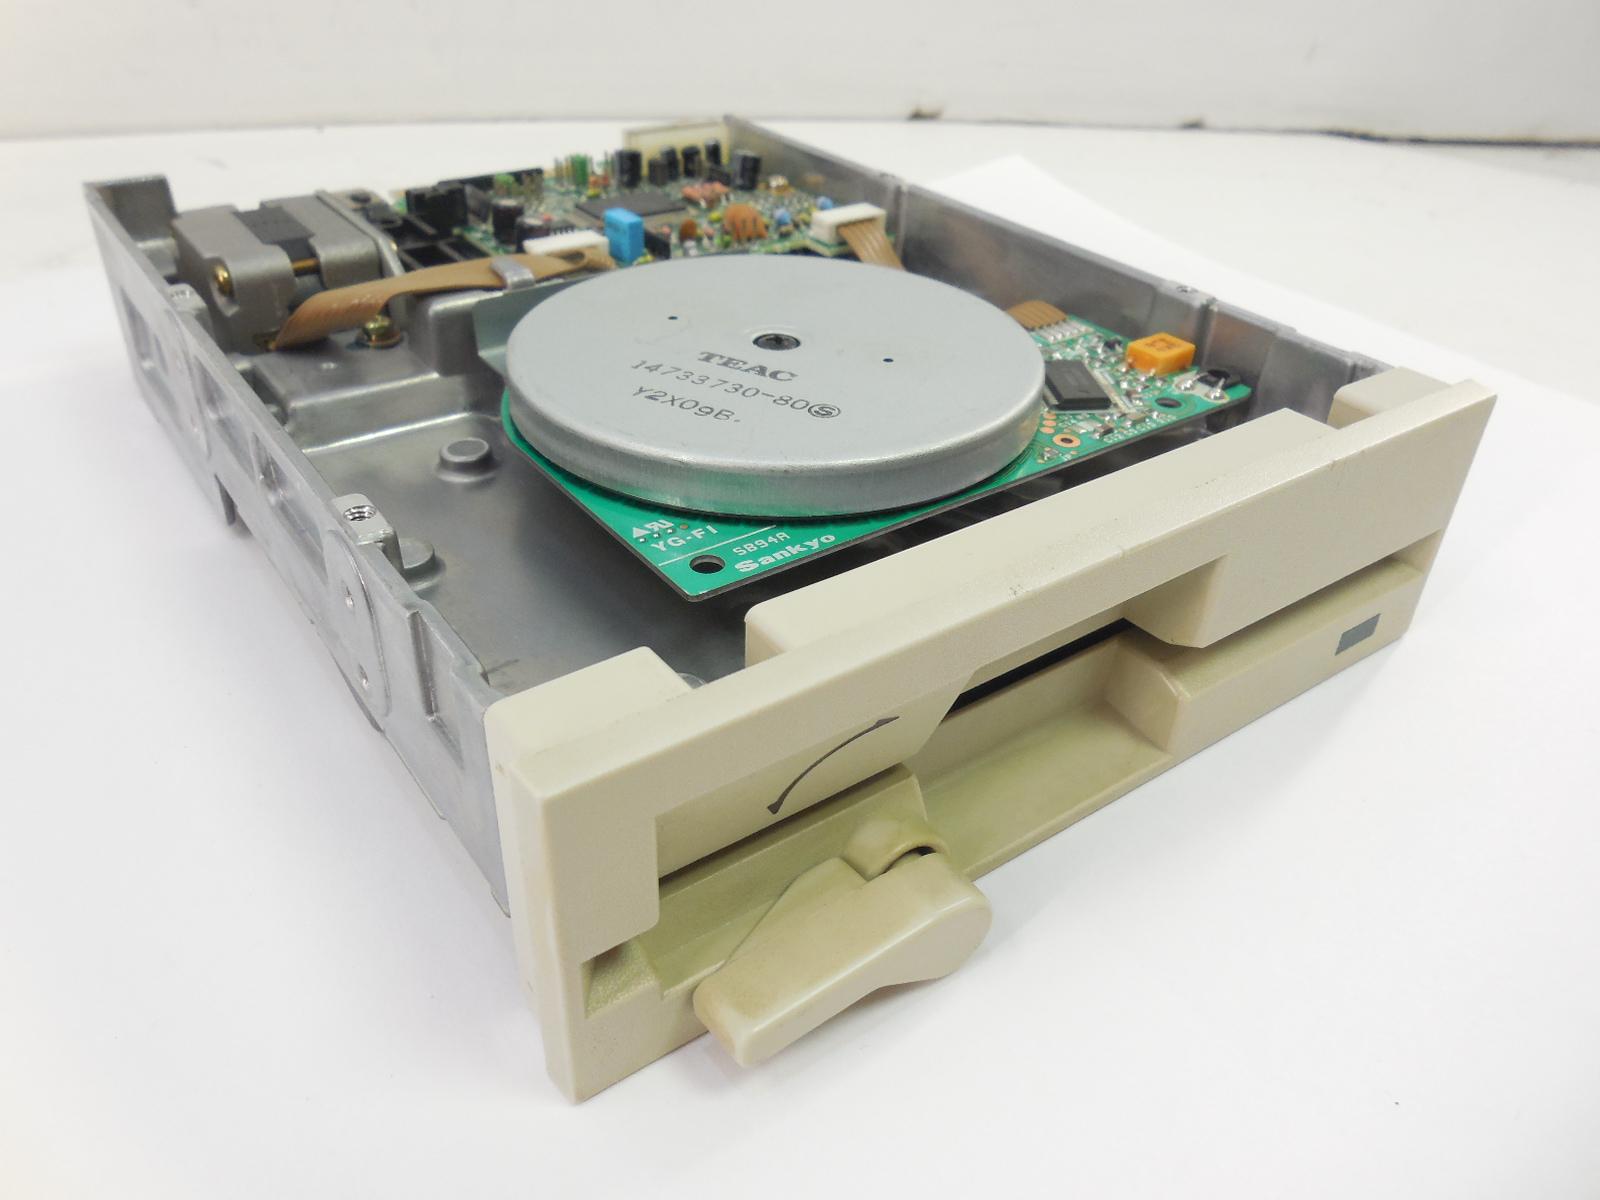 Что такое дисковод? дисководы для компьютера и ноутбука